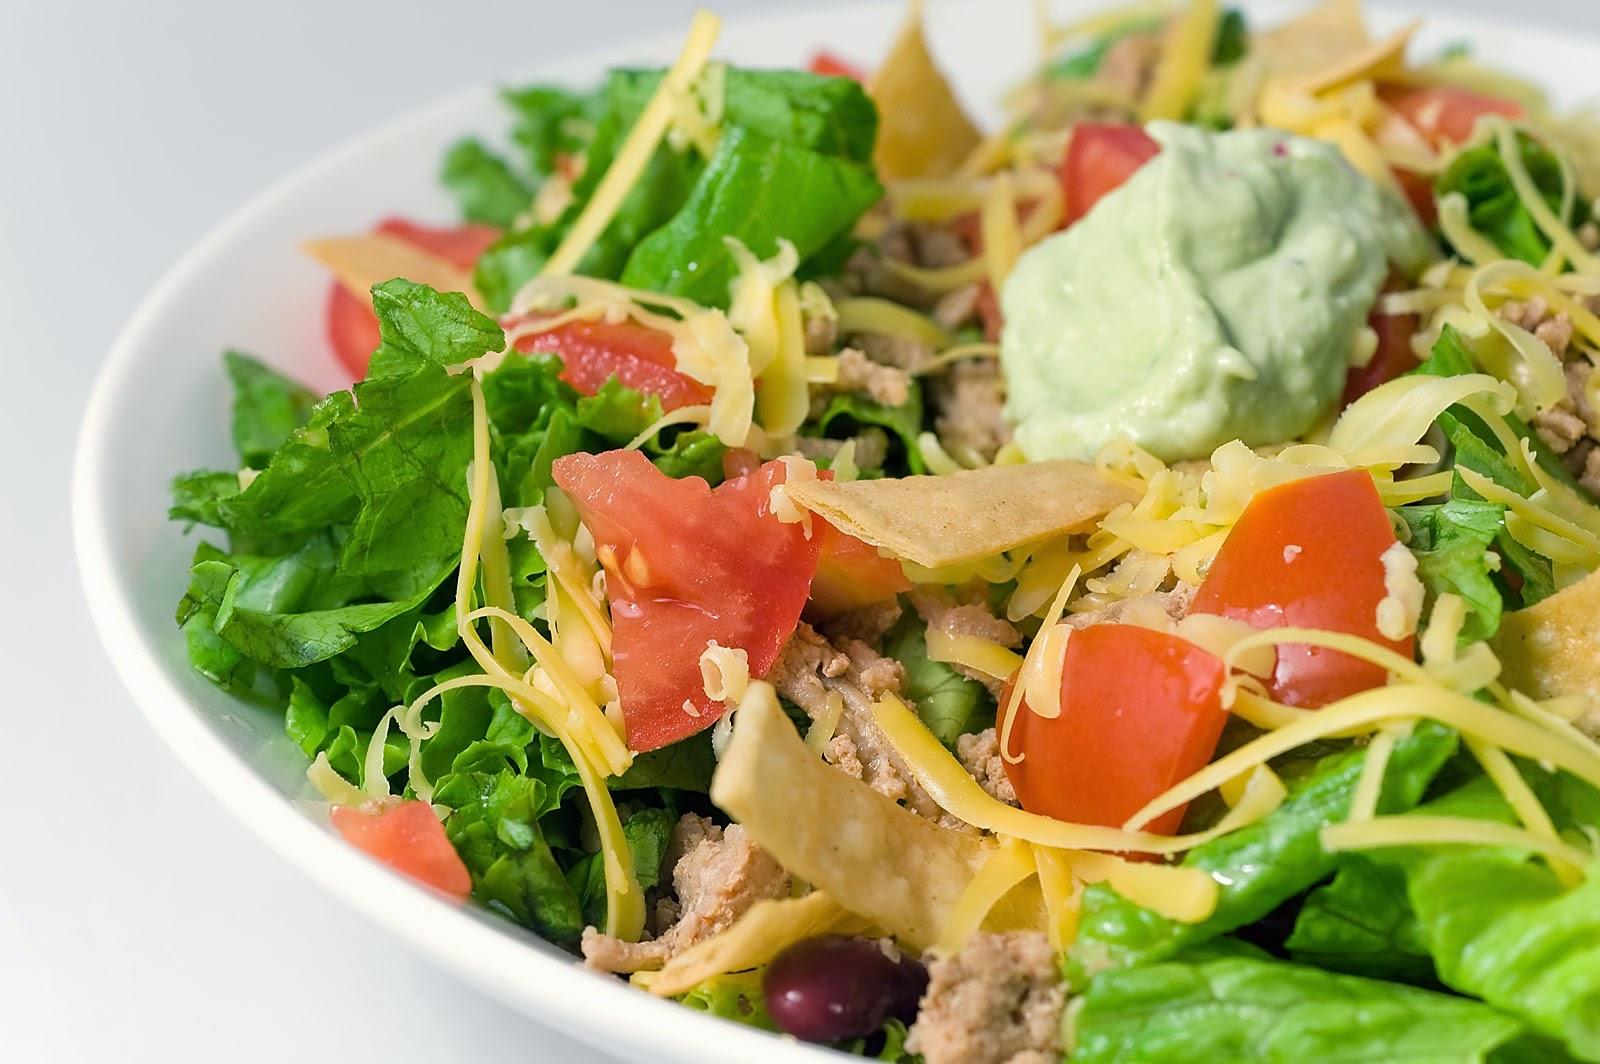 Resep Masakan Sehat Salad Sayur